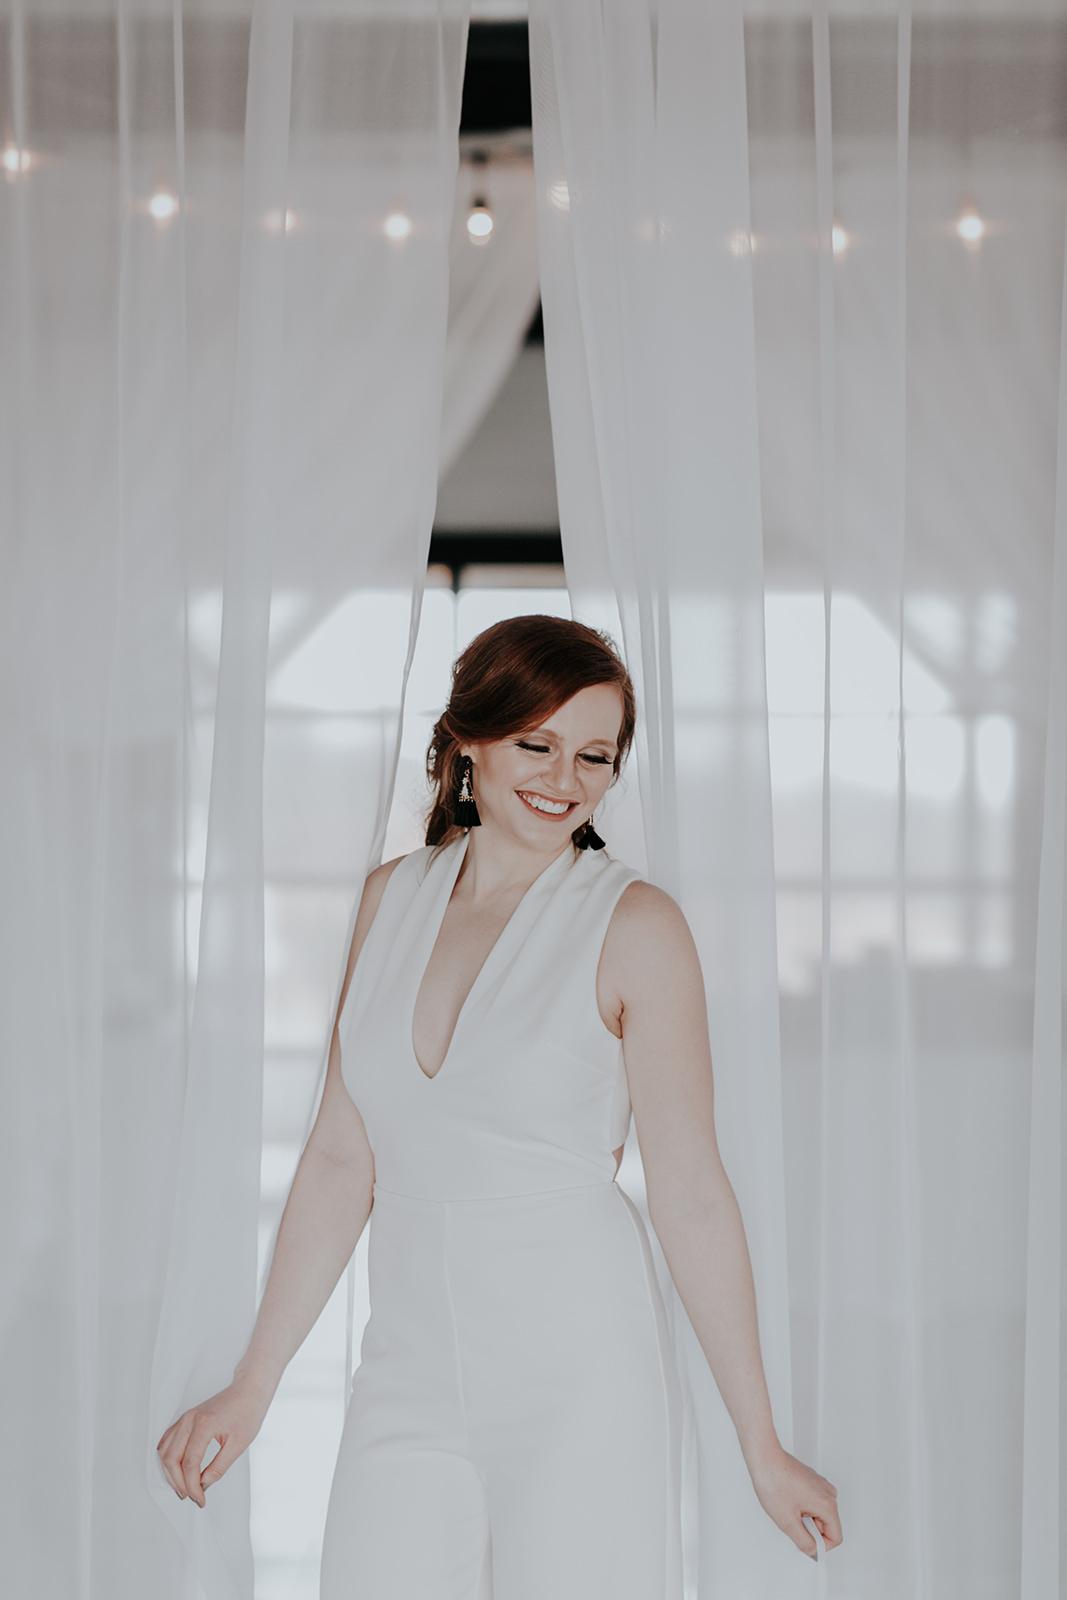 Dream Point Ranch Tulsa Wedding Venue Edgy Bride 3.jpg